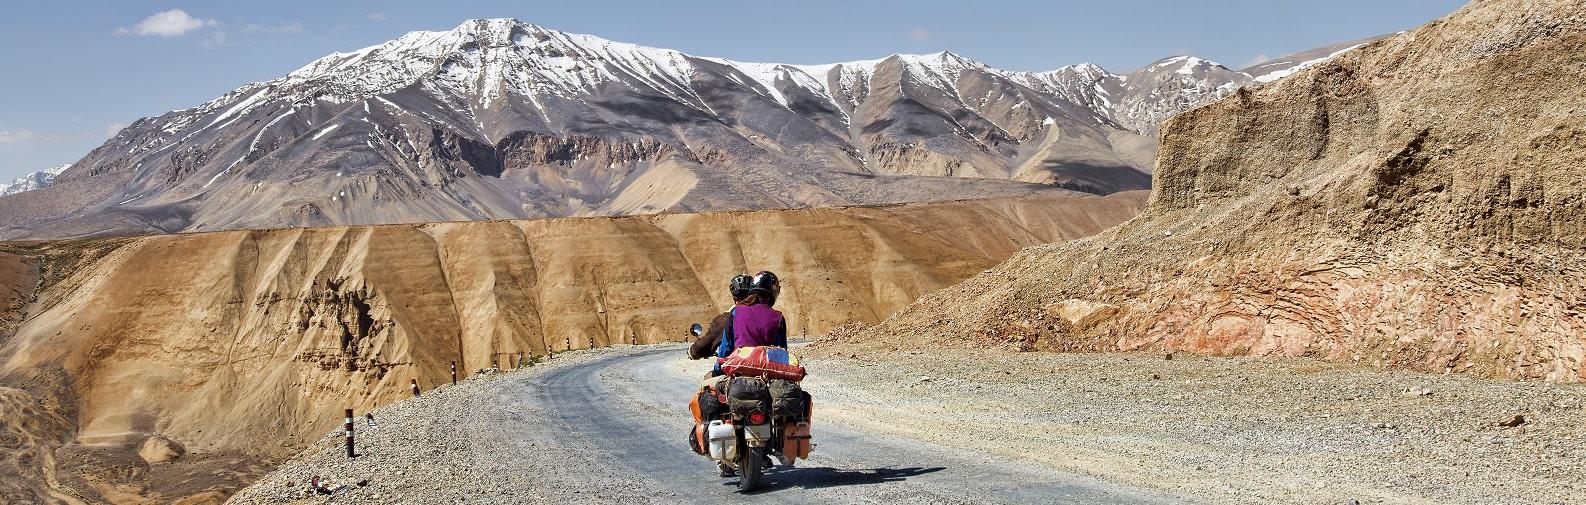 Bike ride in Leh, India